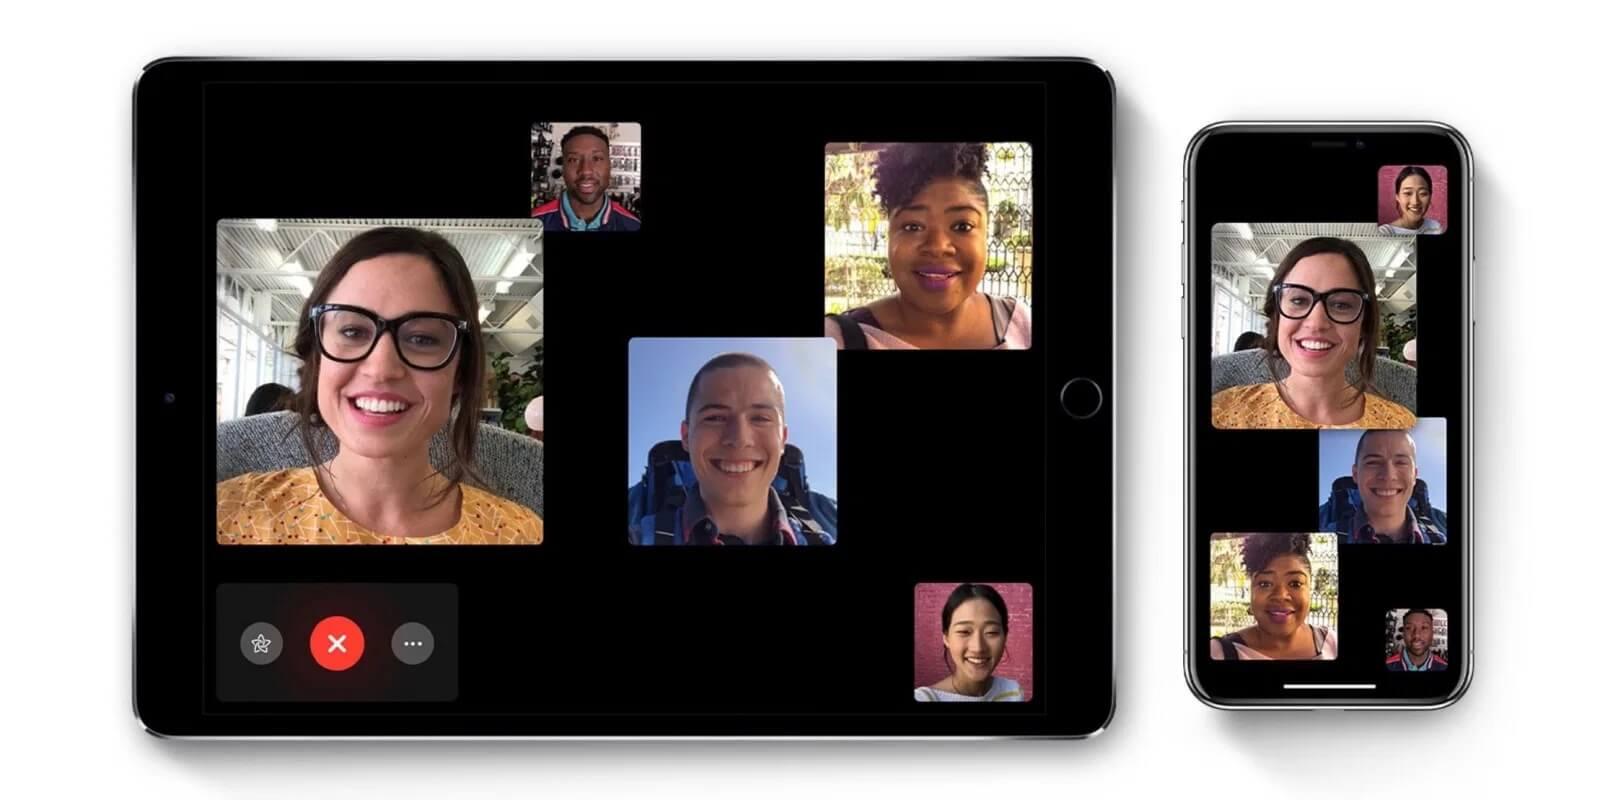 Apple превратила FaceTime в Zoom. Но не слишком ли поздно?